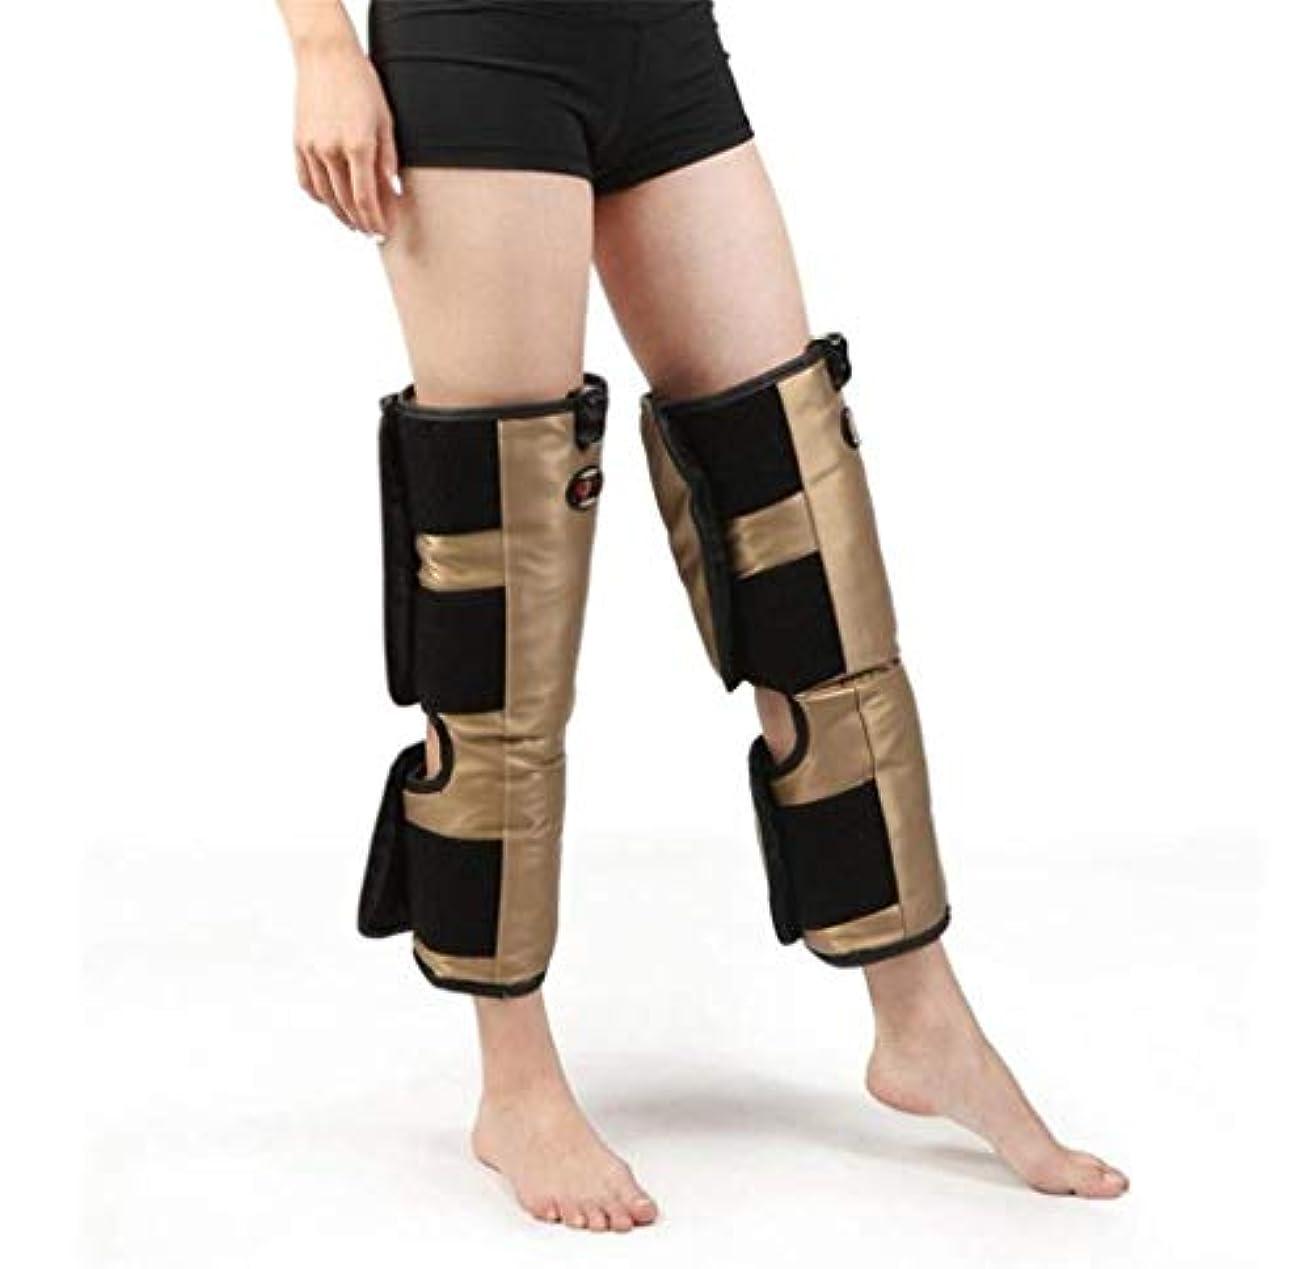 ストライク宣言する入手します脚マッサージャー、電気膝ブレース、oxiホット圧縮振動マッサージ療法、多機能電気加熱膝理学療法機器